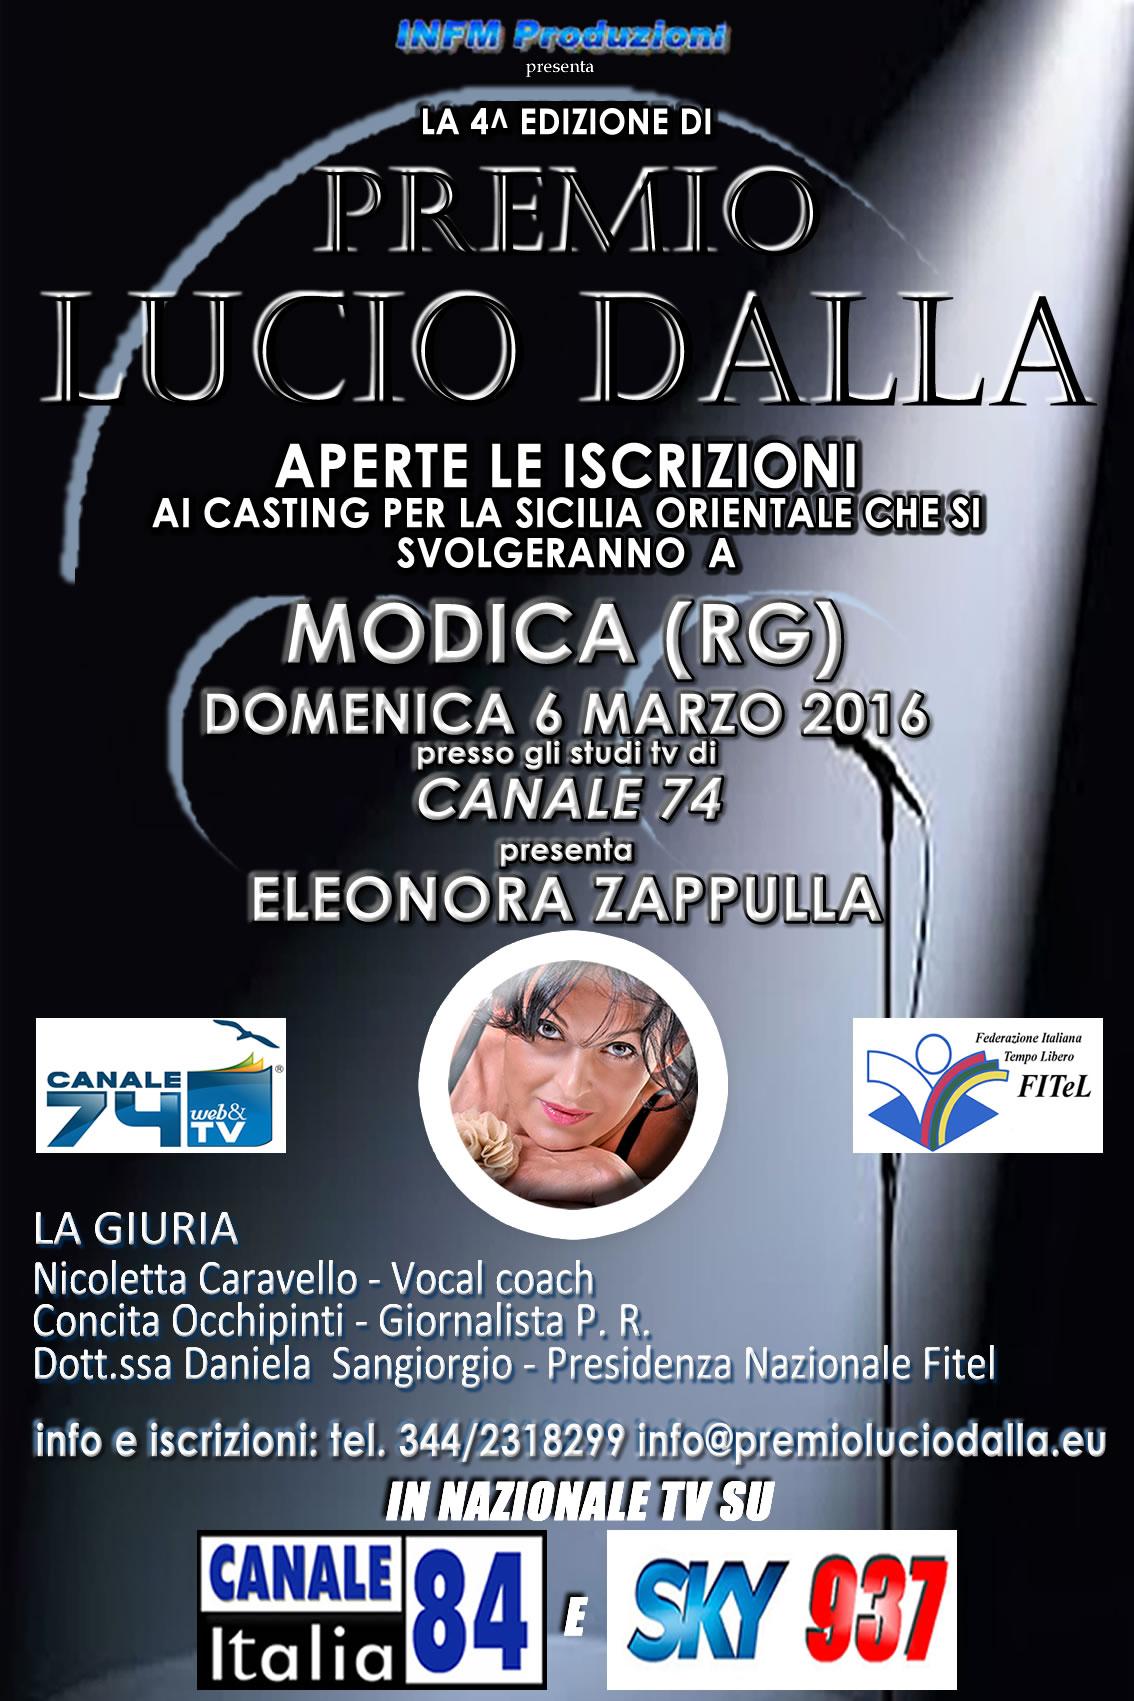 4* Edizione del Premio Lucio Dalla, stavolta nel cuore di Modica Un poeta che ha contraddistinto l'essenza della musica. Una voce trascinante, sconvolgente, memorabile. Quella voce che tocca le corde […]